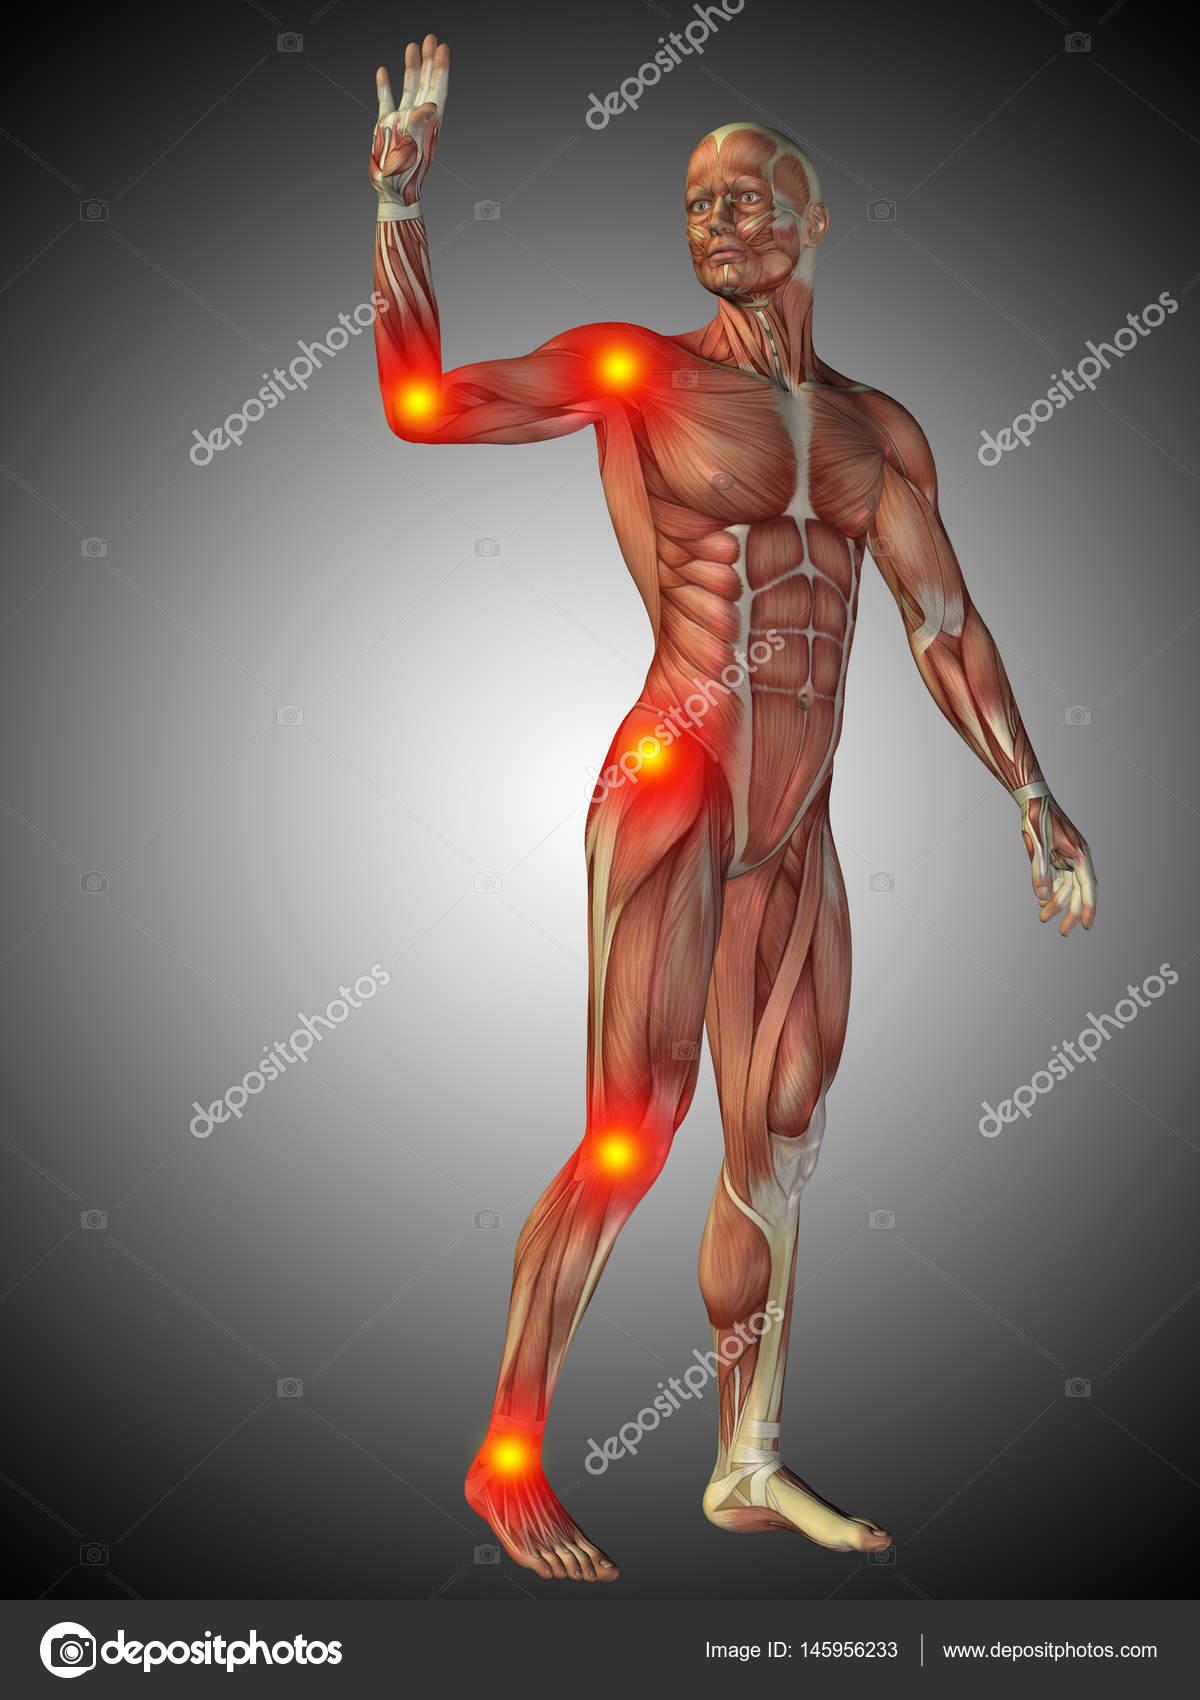 menschliche Anatomie Modell — Stockfoto © design36 #145956233